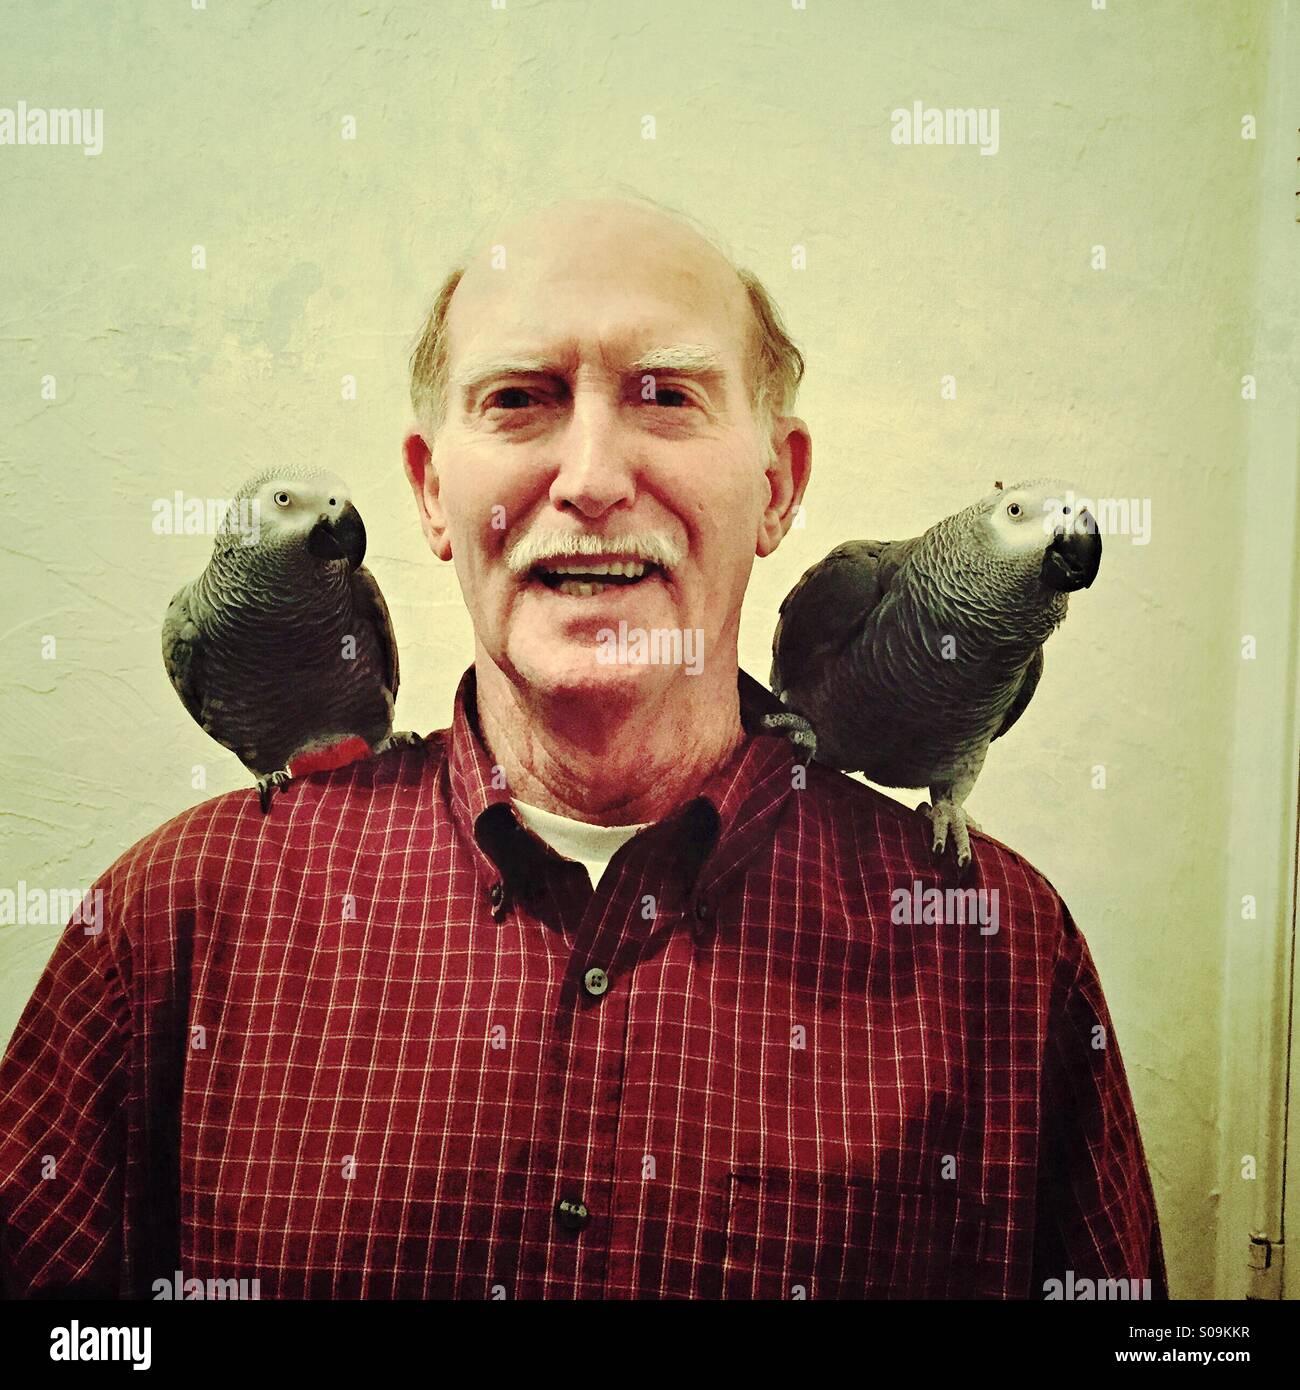 Un anziano uomo caucasico sorrisi mentre mostra il suo due pet africano grigio pappagalli sulle sue spalle. Immagini Stock